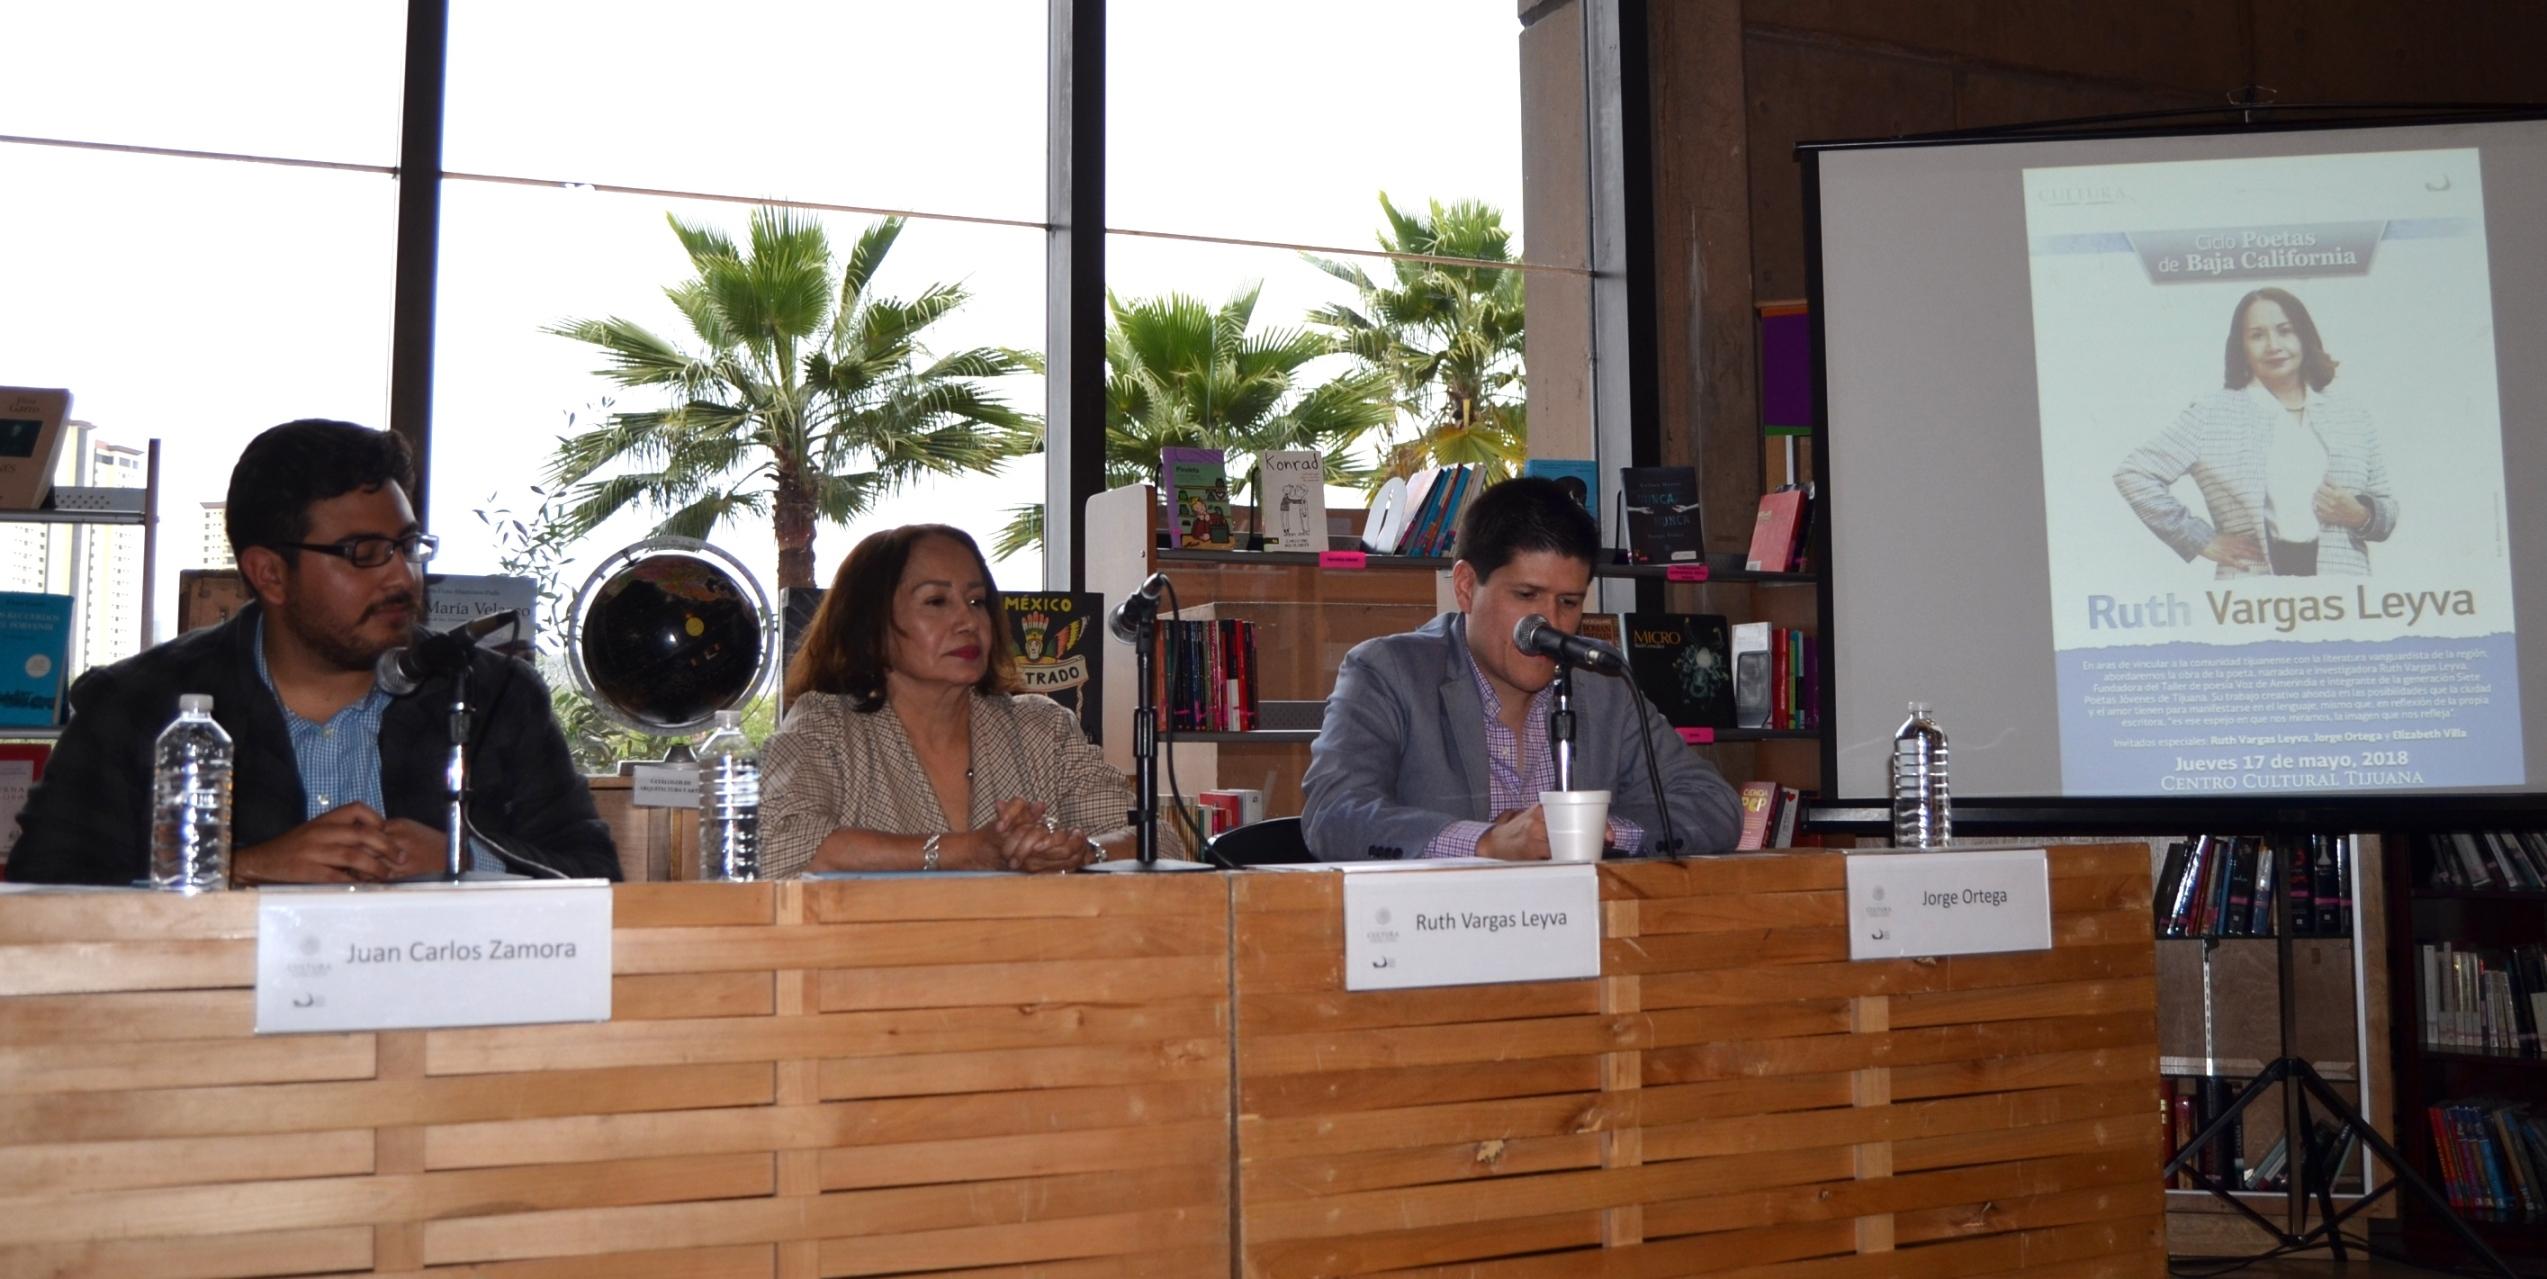 Analizan y leen la obra poética de Ruth Vargas en el Cecut